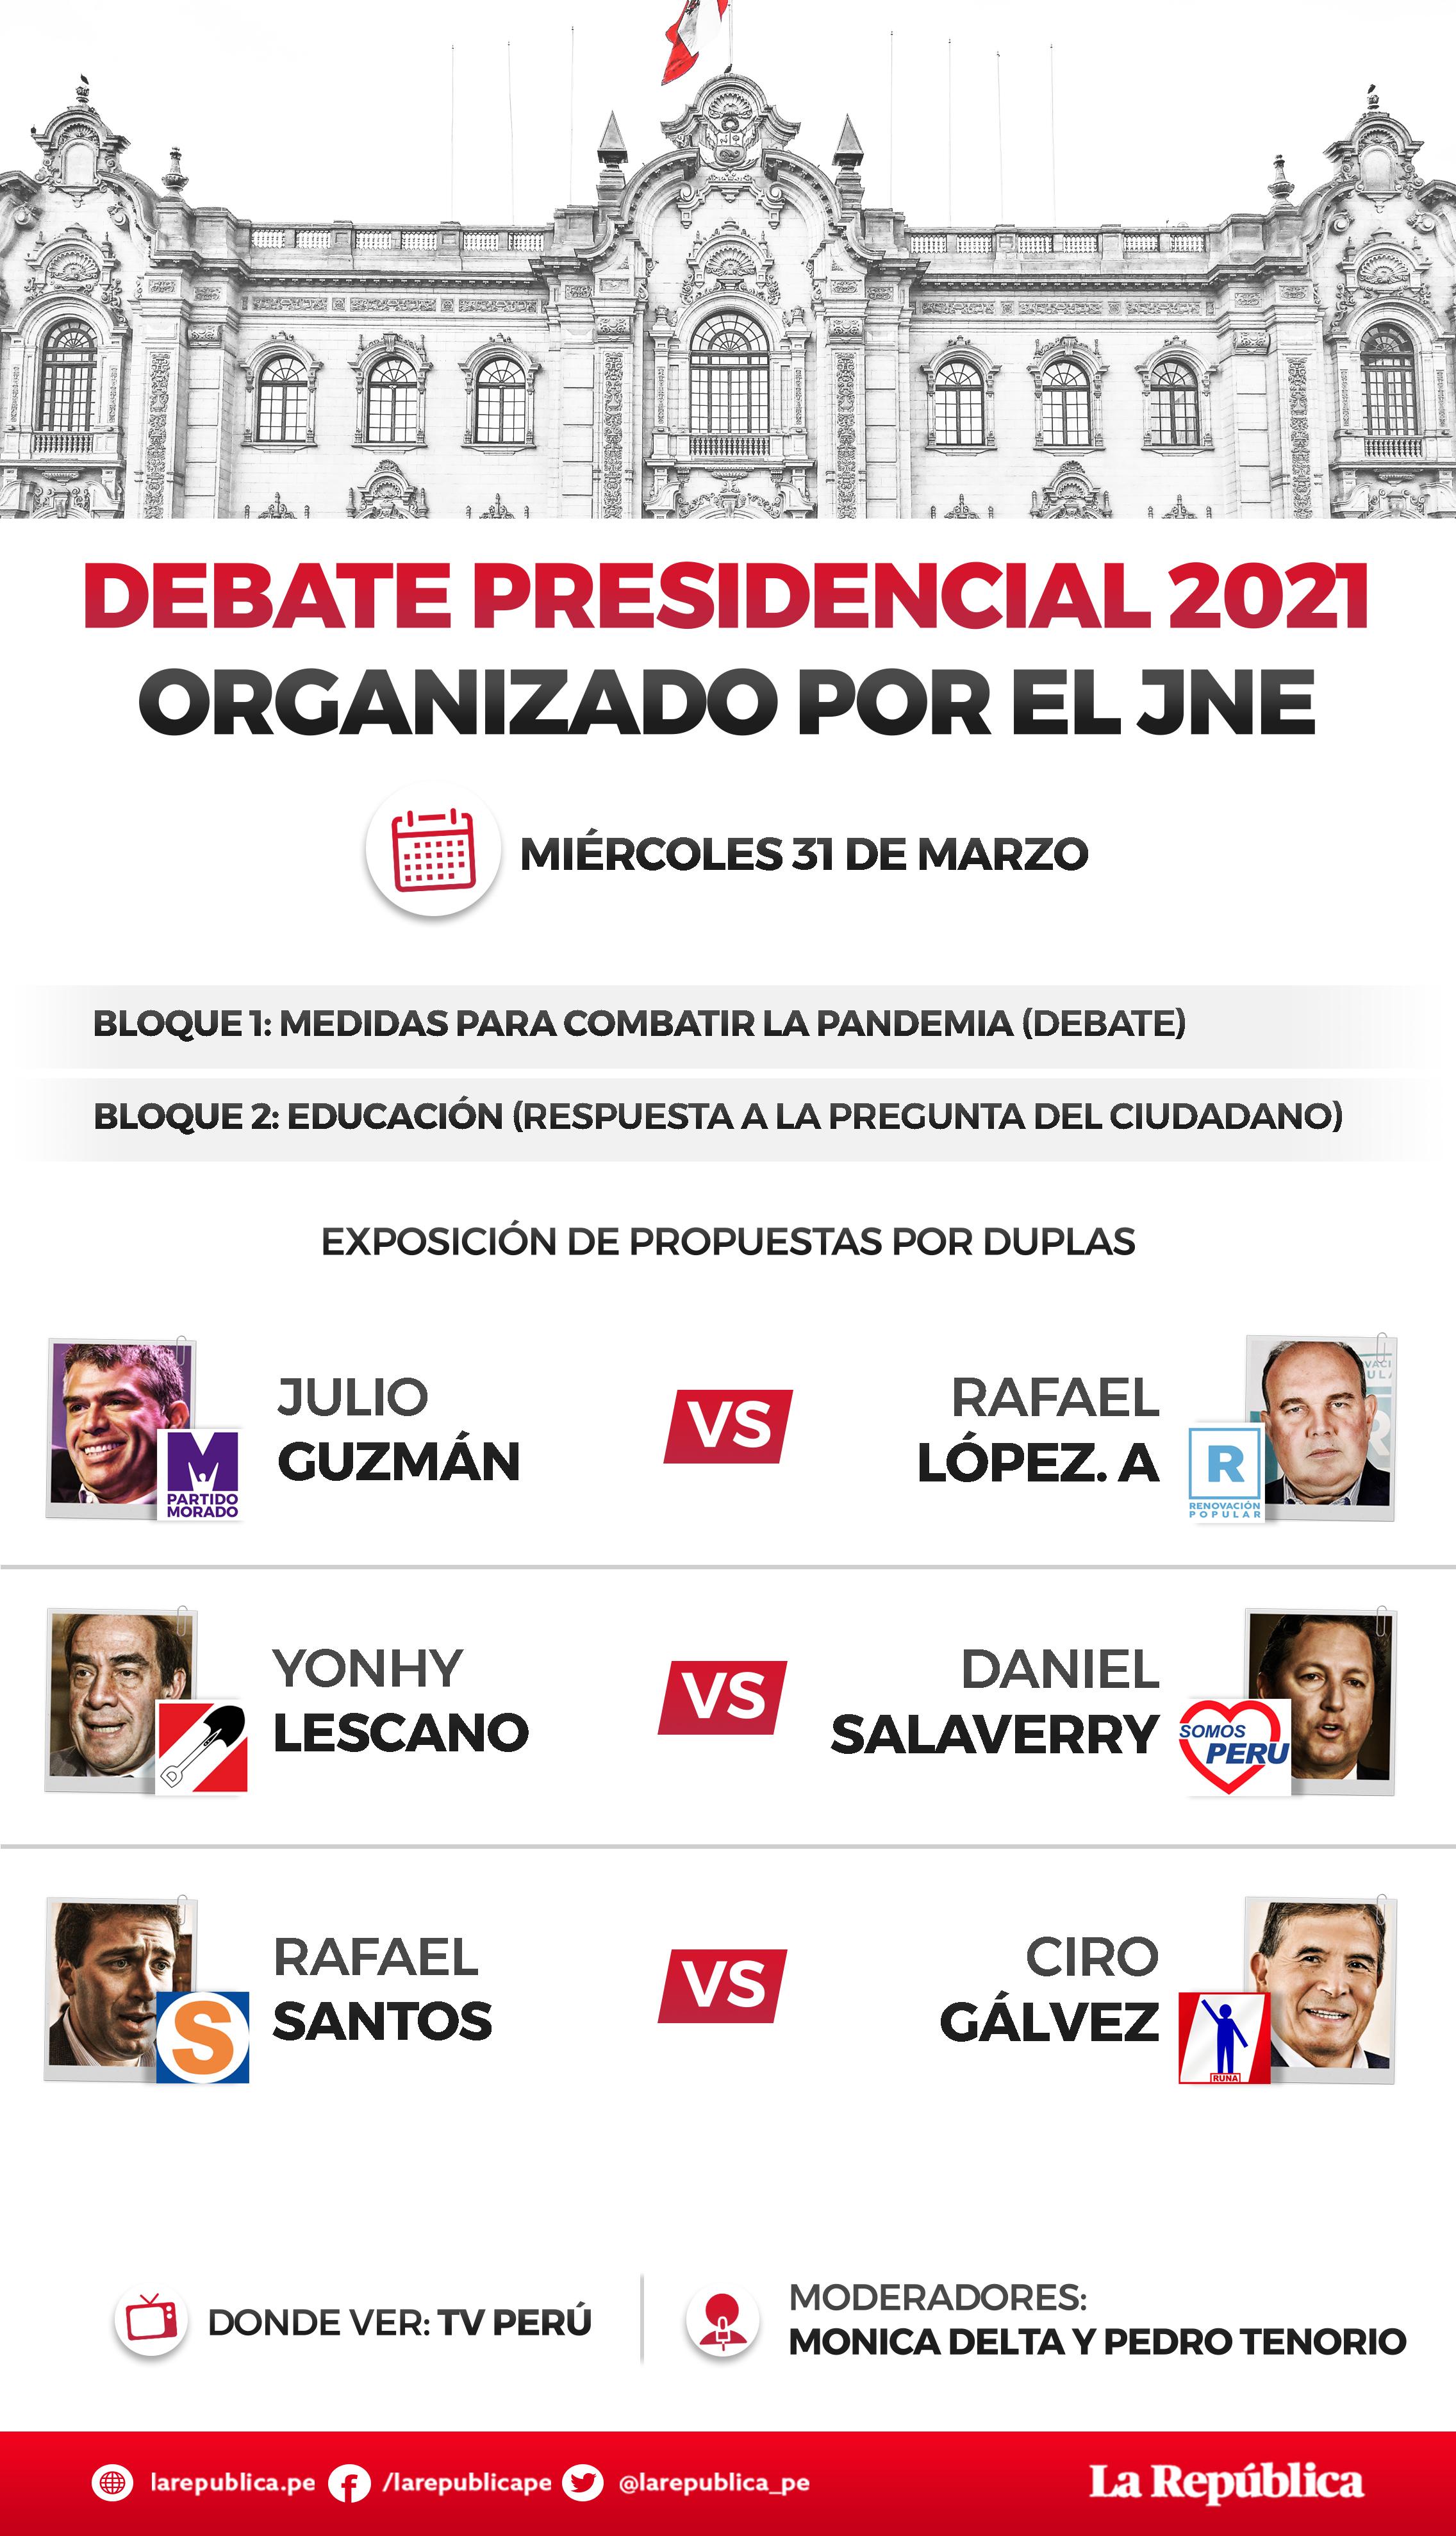 Los candidatos se enfrentarán en duplas para hablar sobre las medidas para combatir la pandemia.